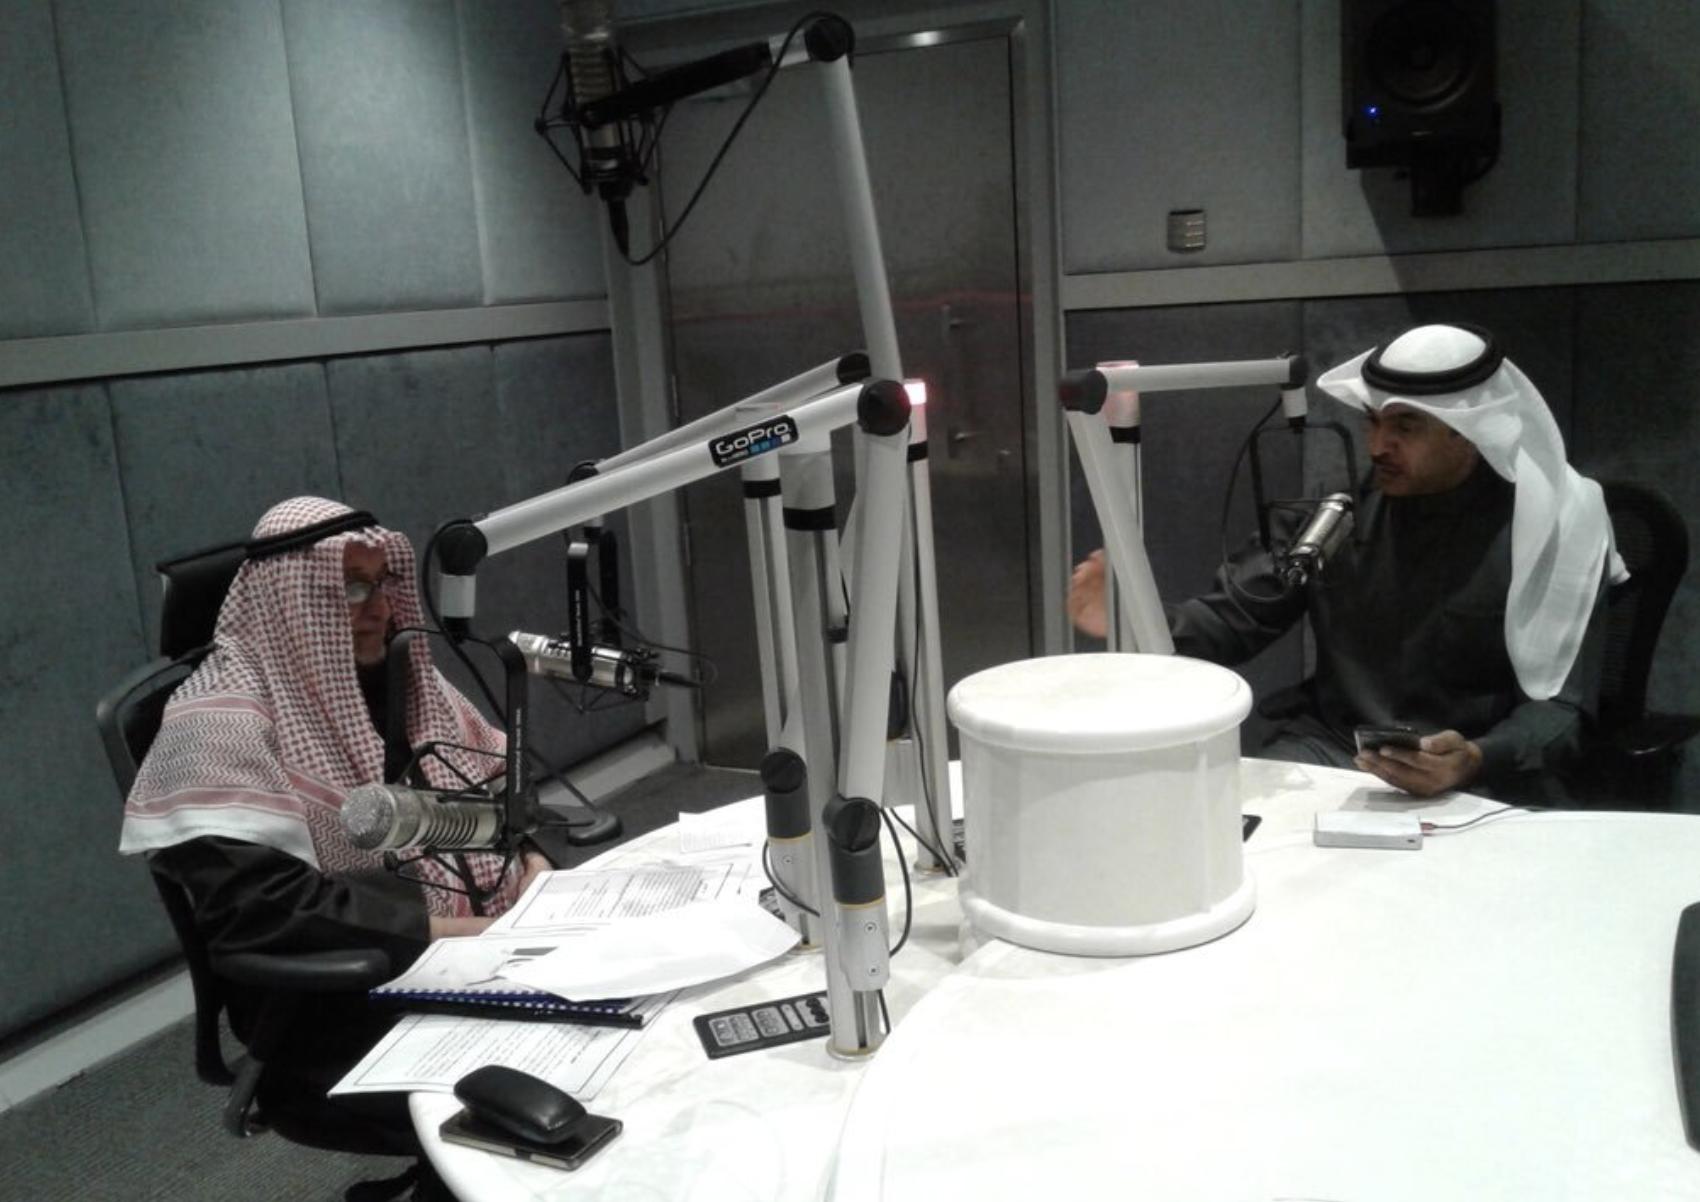 استضافة الاعلامي أ. بسام الجزاف الشيخ عبداللطيف سيف العتيقي